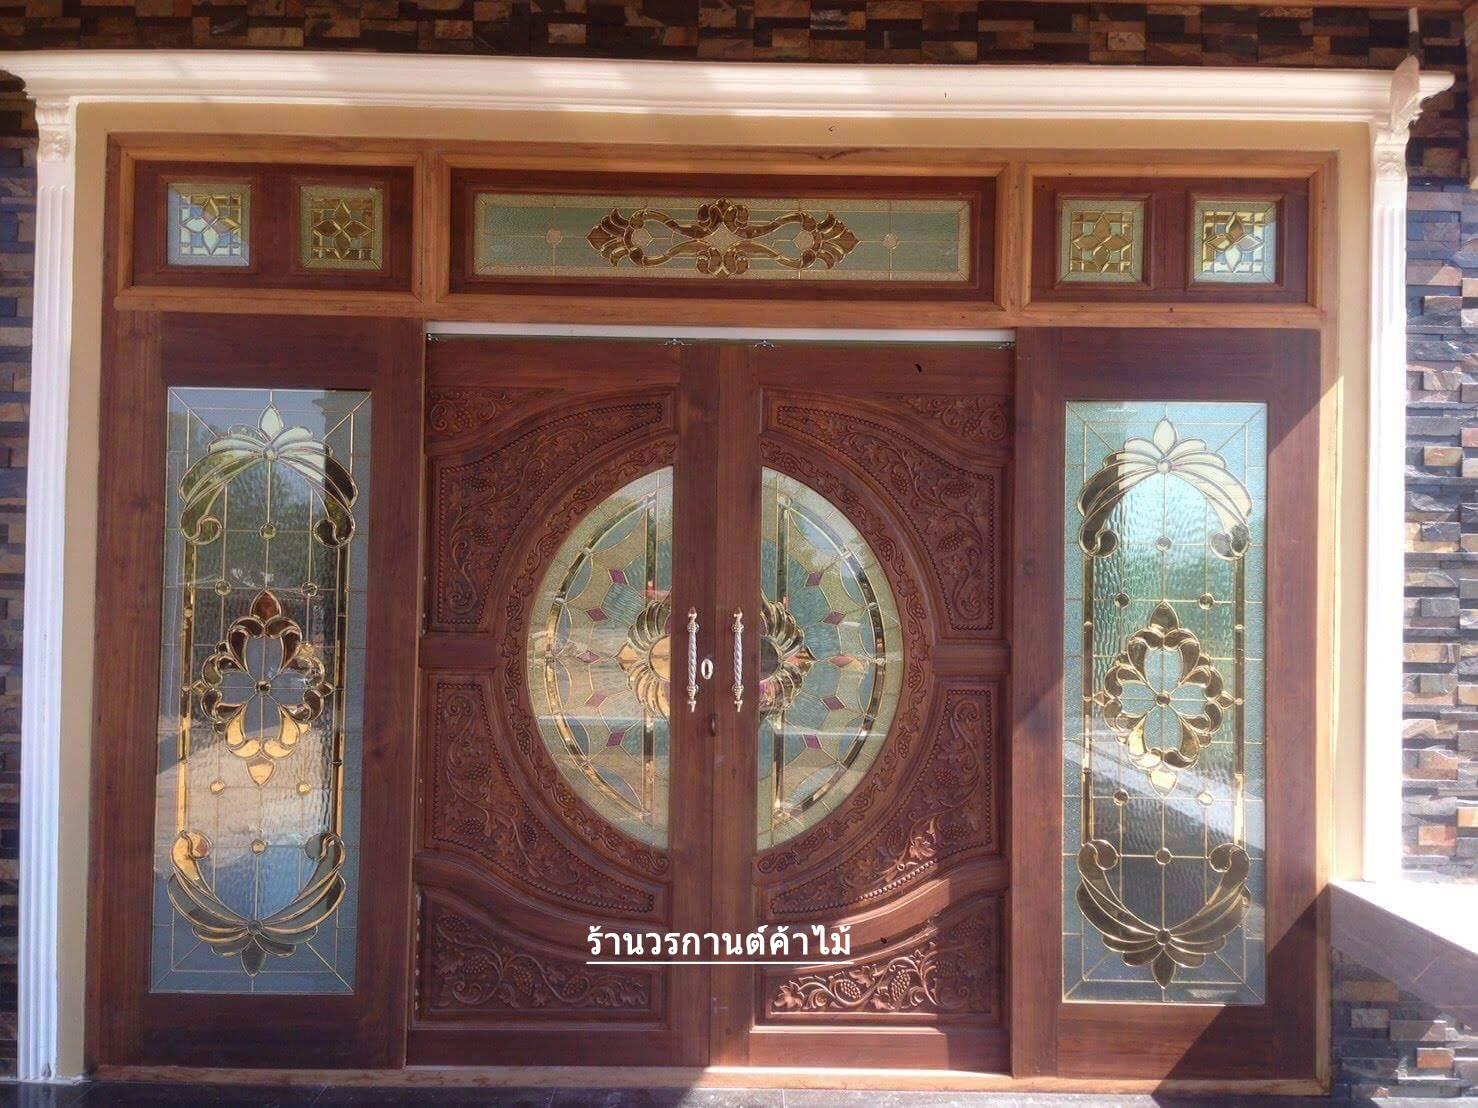 ประตูไม้สักกระจกนิรภัย บานเลื่อน ชุด7ชิ้น รหัส AAA102